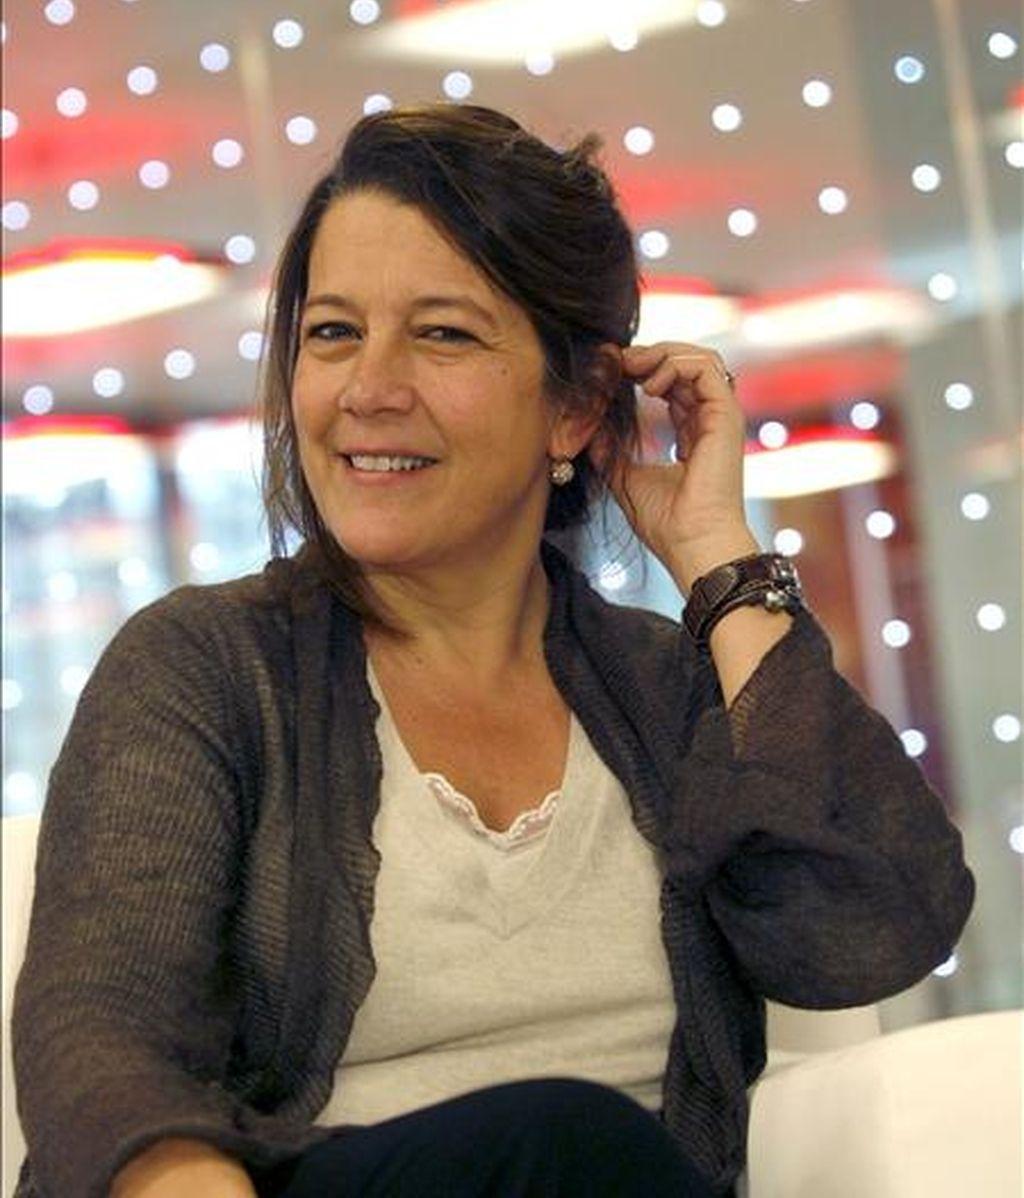 La directora de la feria internacional de Arte ARCO, Lourdes Fernández, en una entrevista reciente con Efe. EFE/Archivo